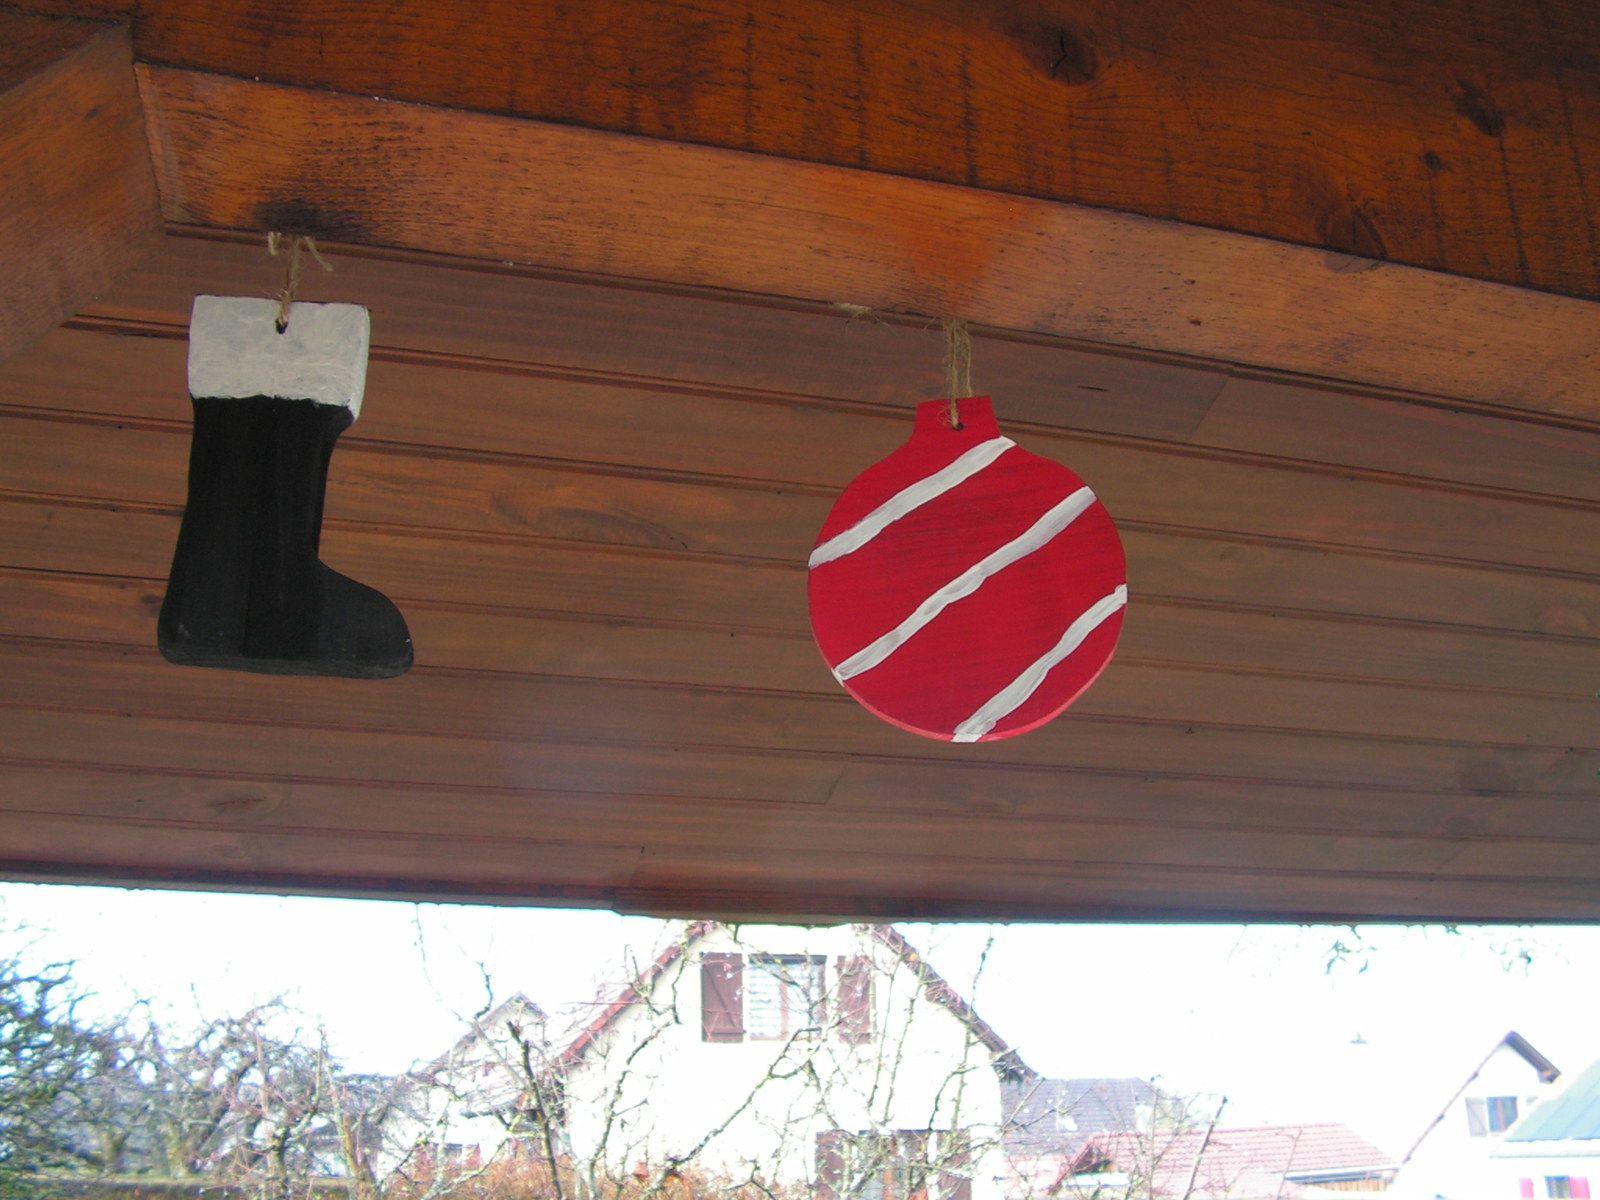 Décorations de Noël en bois pour l'extérieur